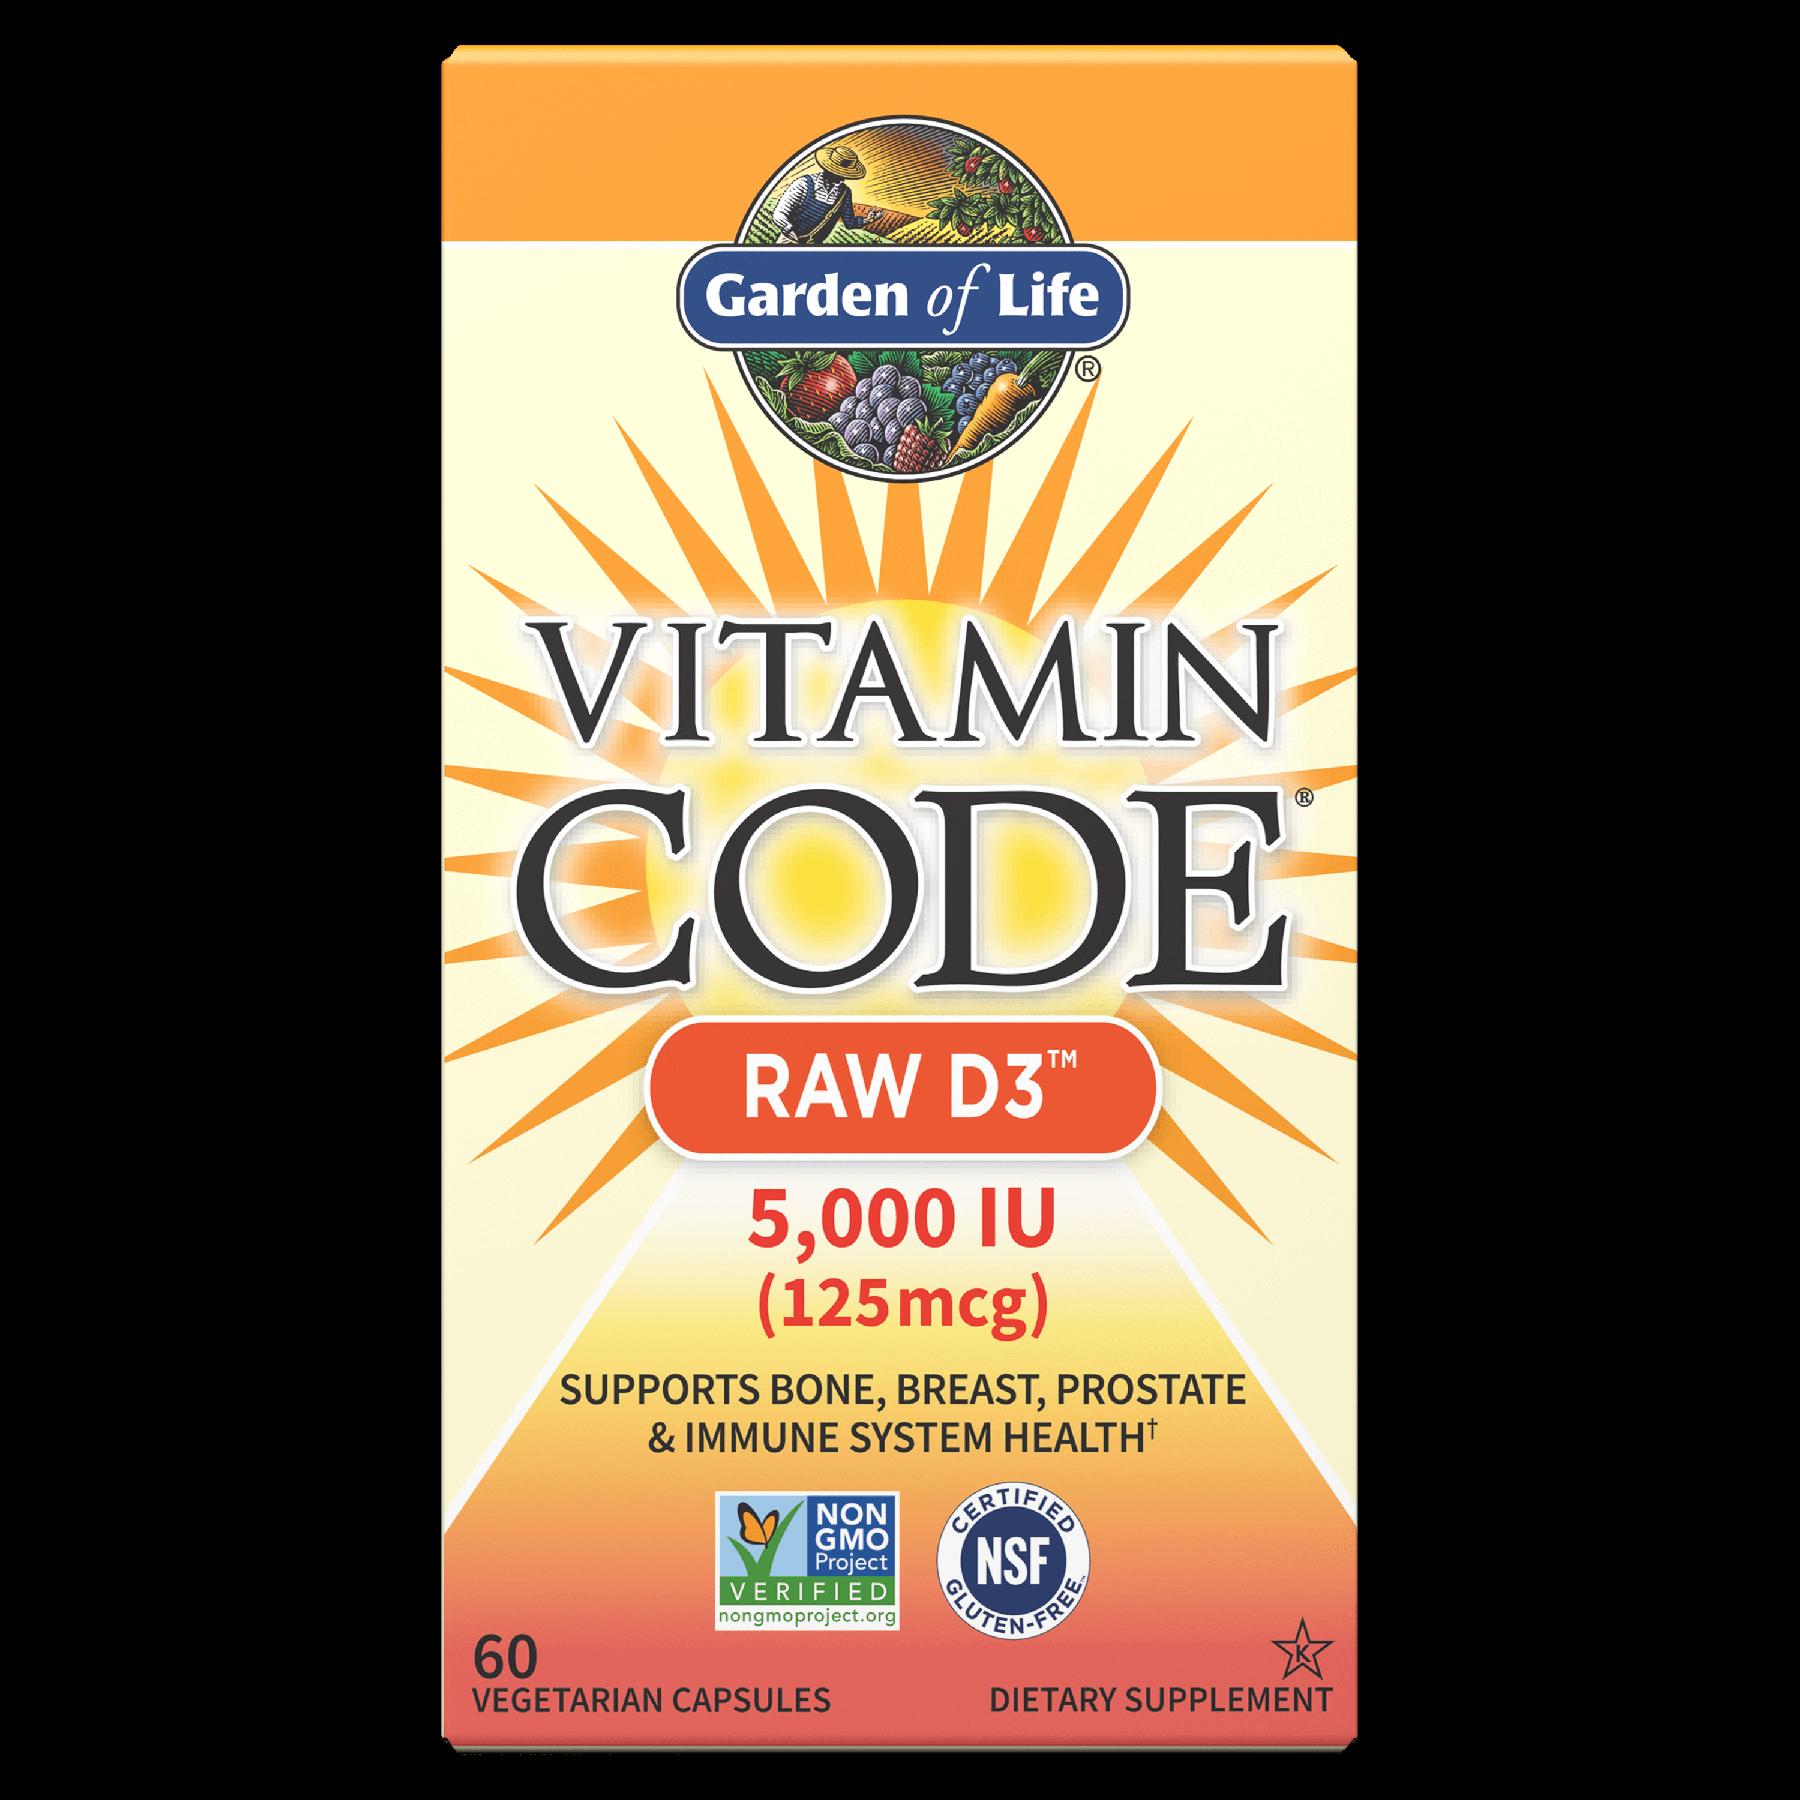 Vitamin Code Raw D3 5,000 IU - 60 Vegetarian Capsules